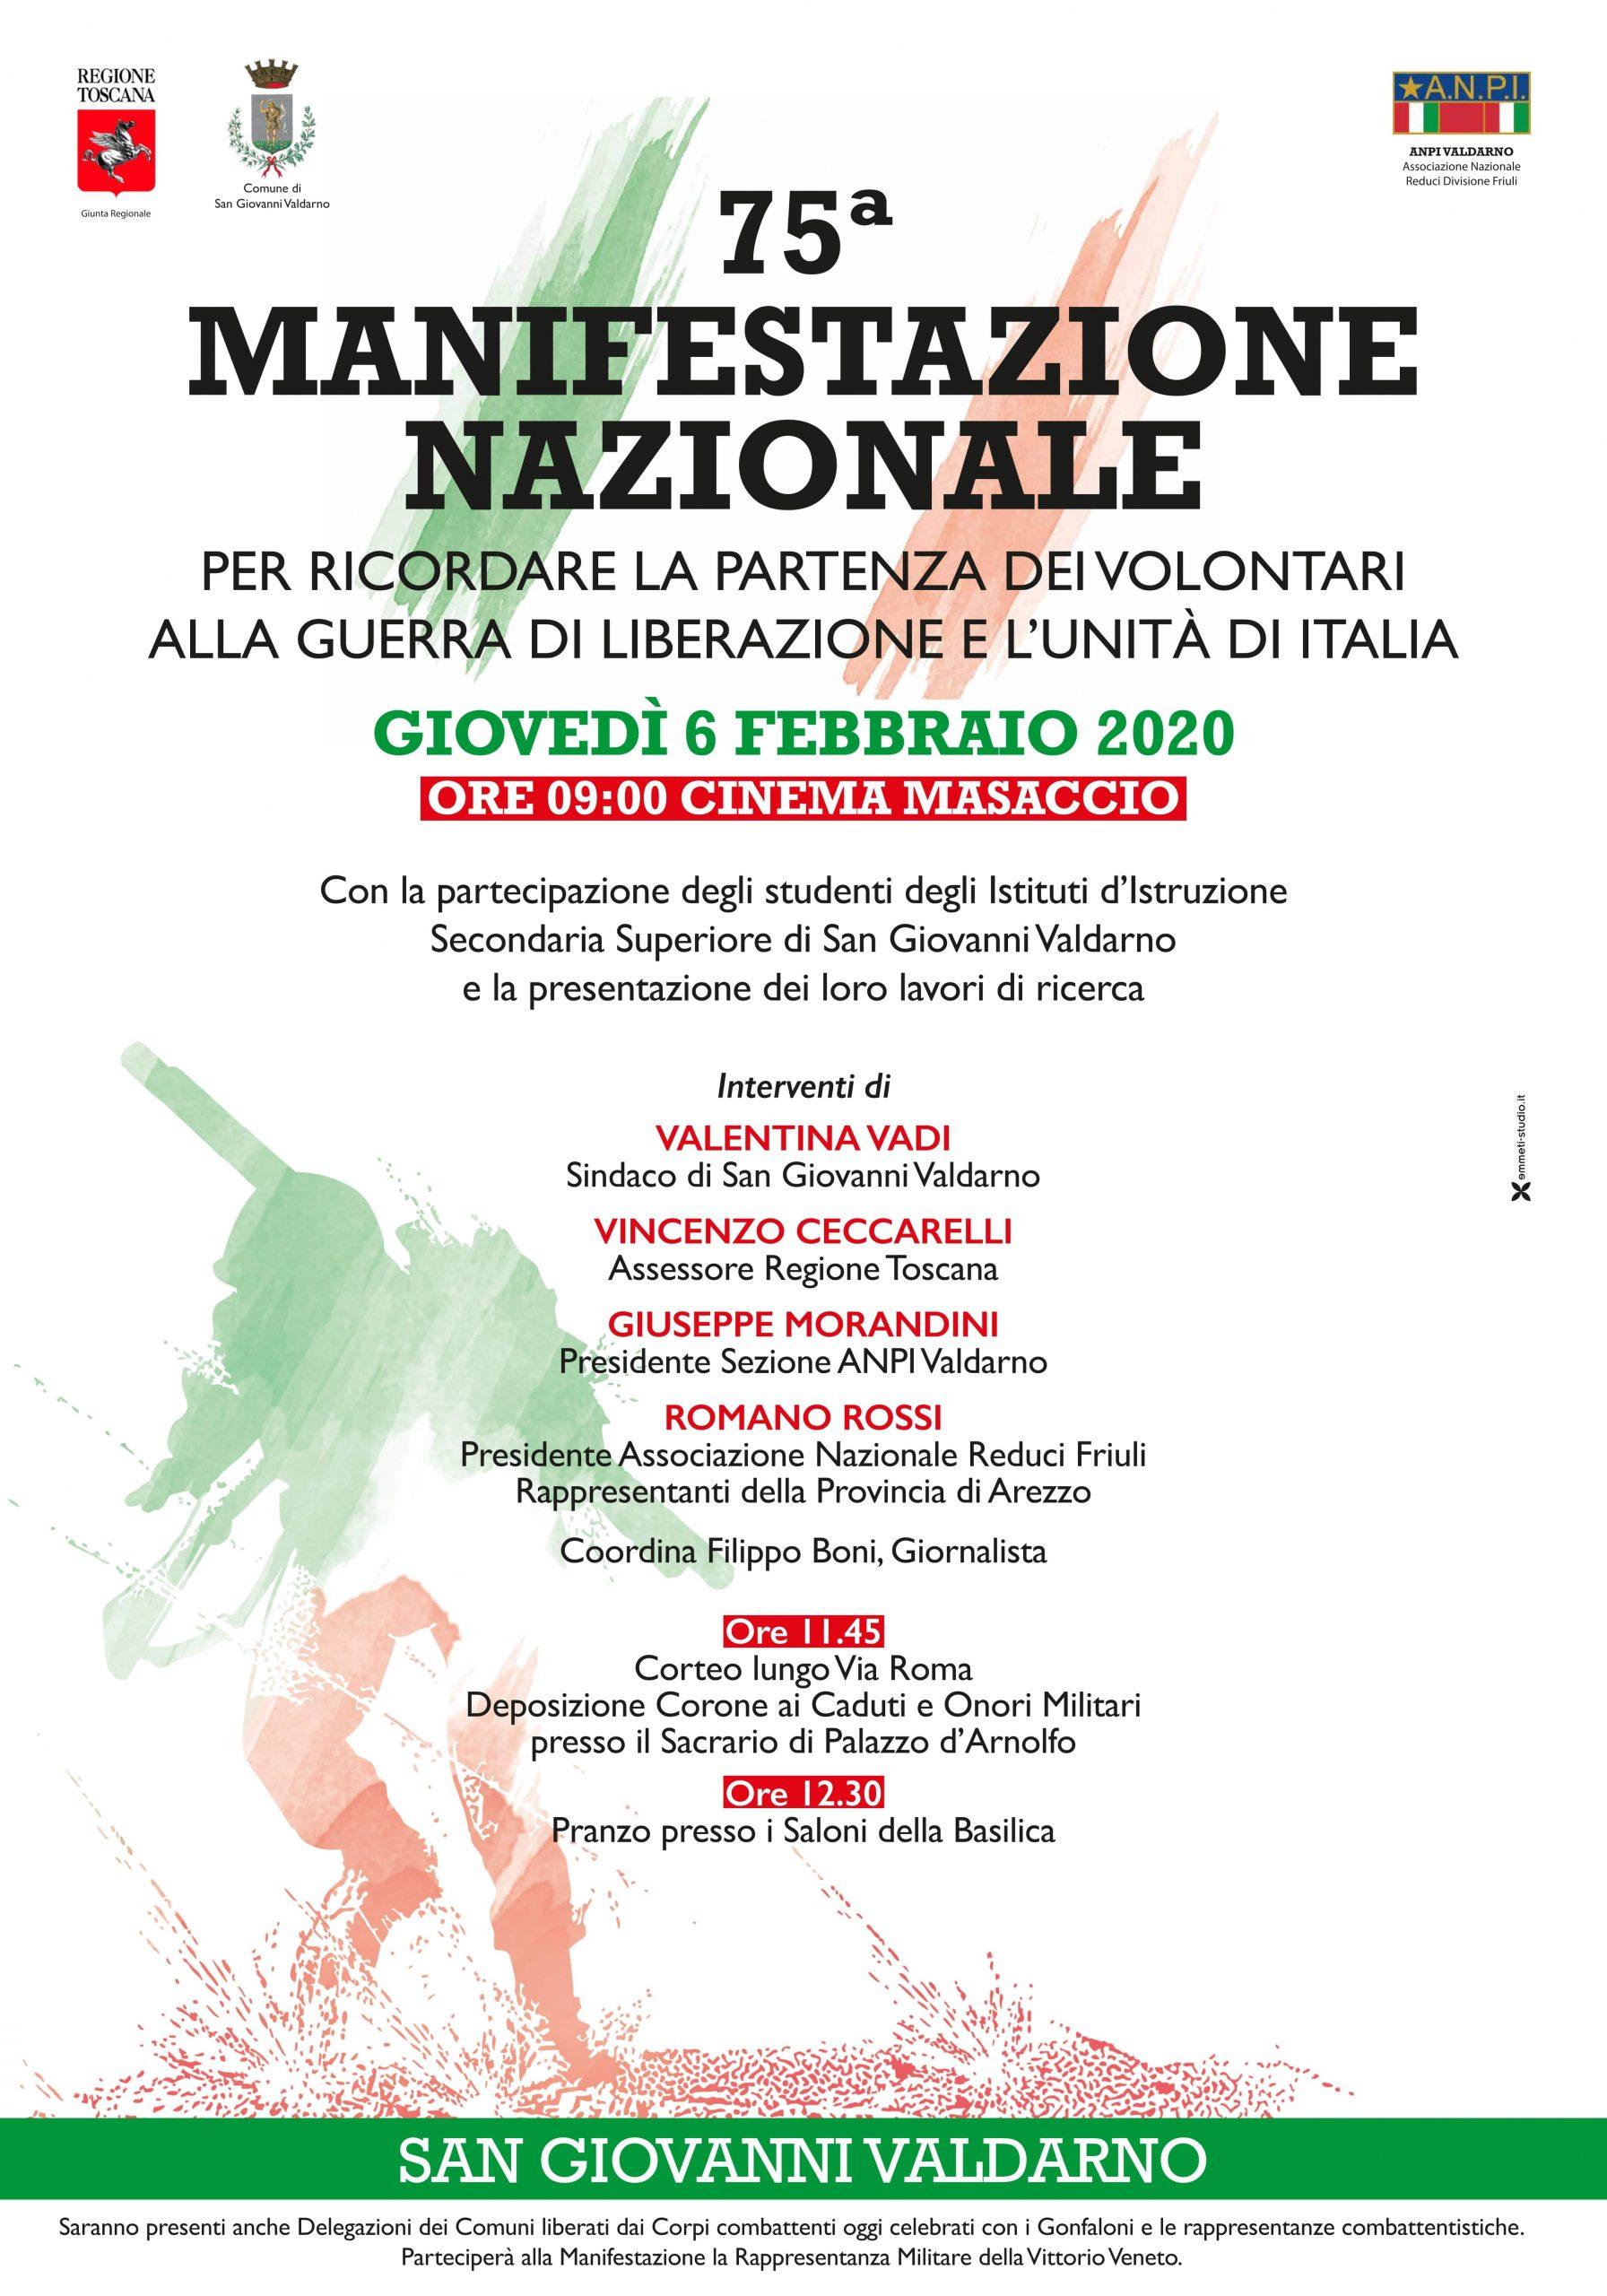 75 MANIFESTAZIONE NAZIONALE PER RICORDARE LA PARTENZA DEI VOLONTARI ALLA GUERRA DI LIBERAZIONE E L'UNITA' D'ITALIA